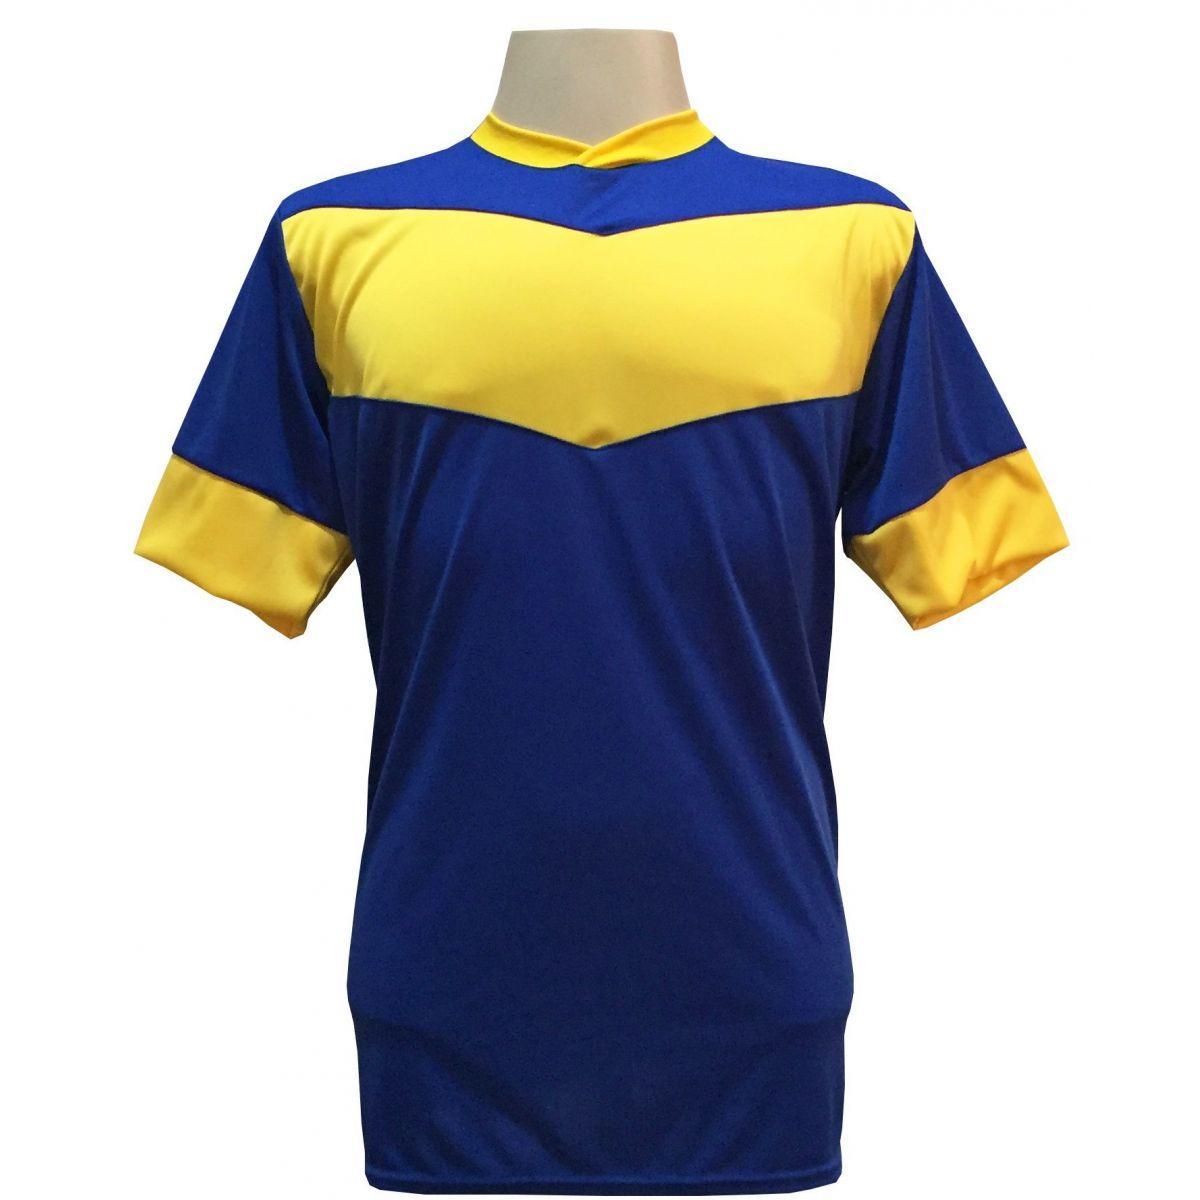 Fardamento Completo modelo Columbus 18+2 (18 Camisas Royal/Amarelo + 18 Calções Madrid Amarelo + 18 Pares de Meiões Royal + 2 Conjuntos de Goleiro) + Brindes